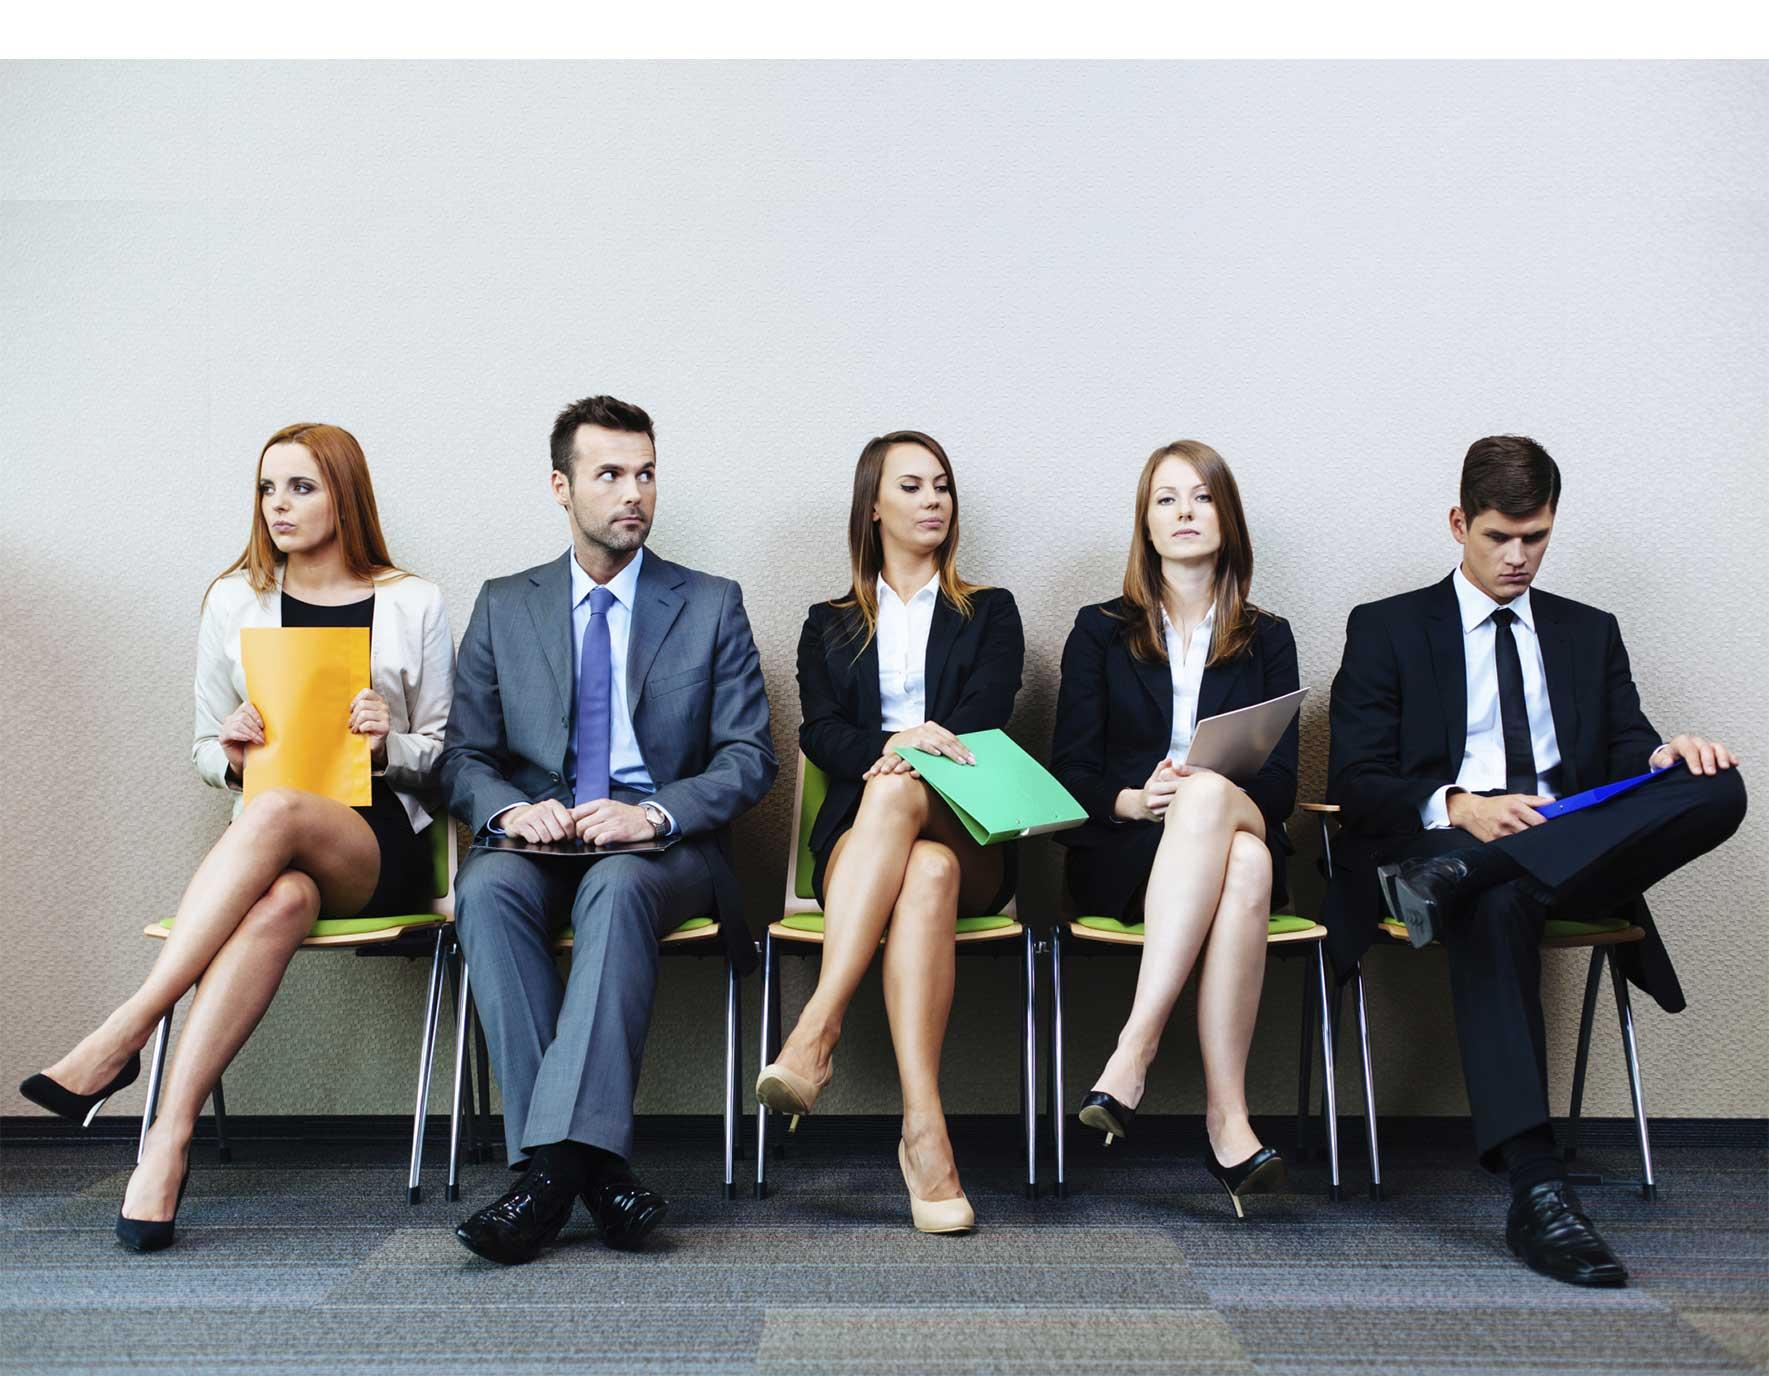 candidates-waiting15